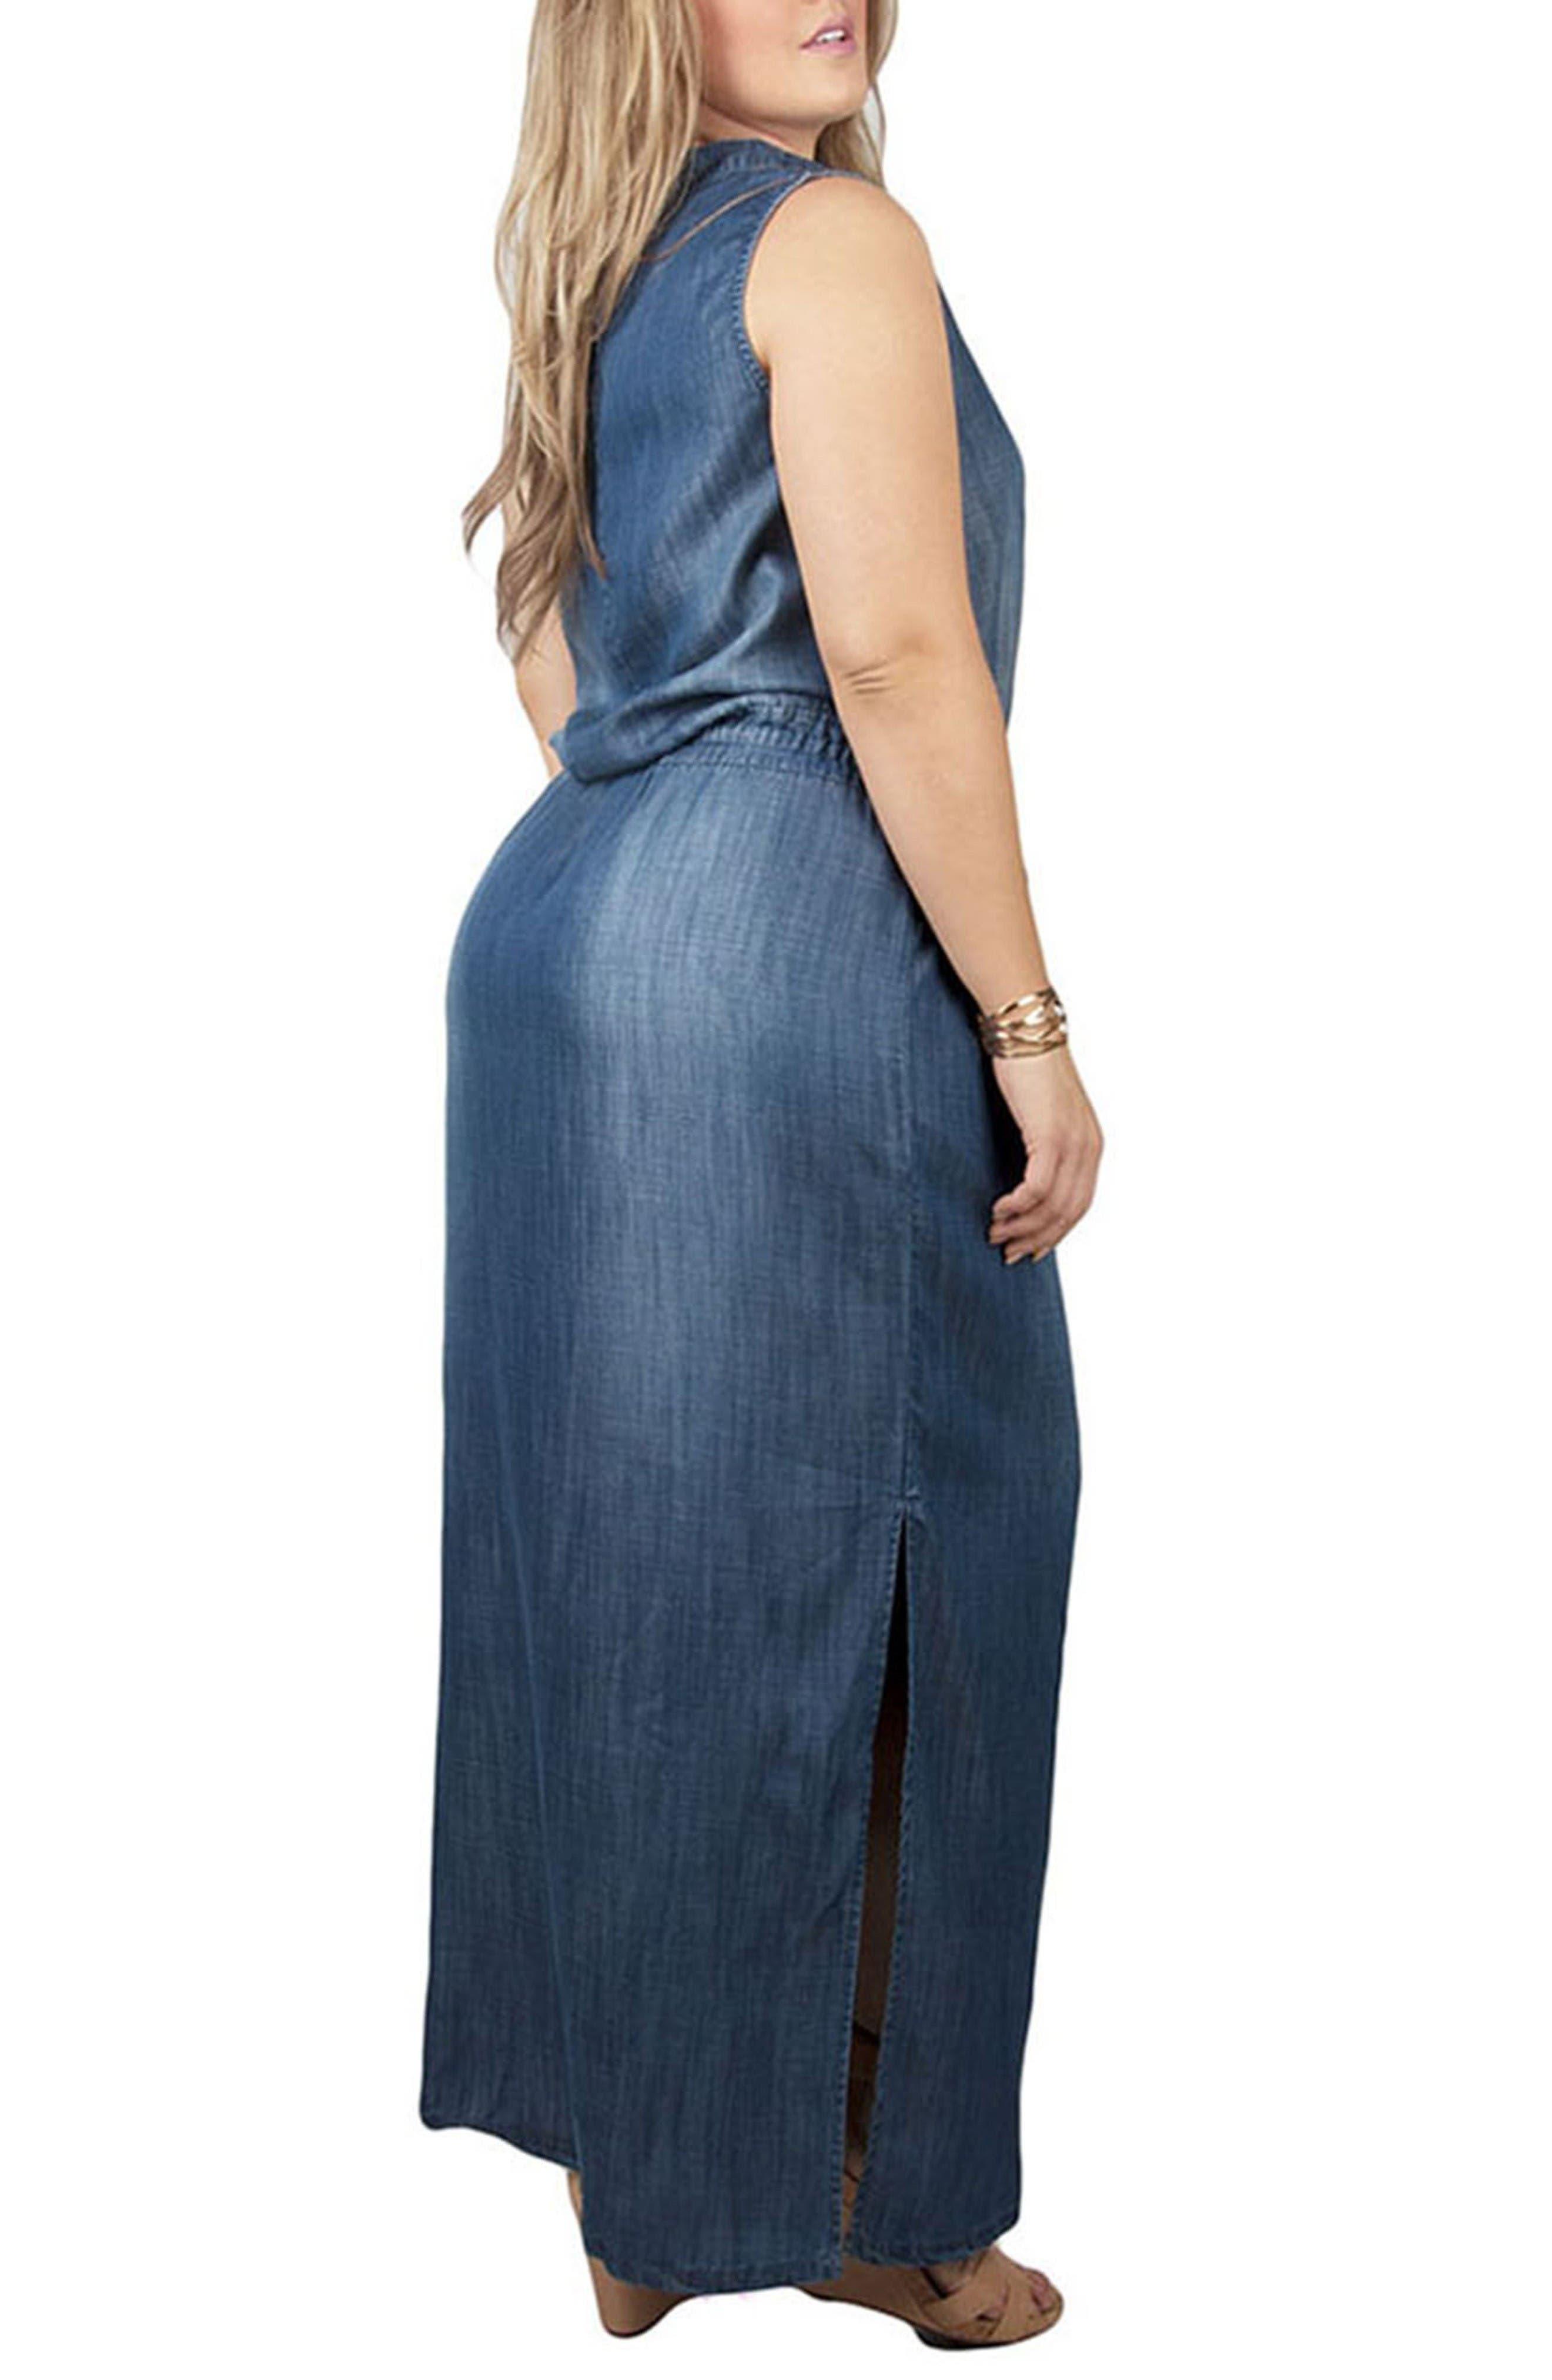 Makayla Denim Drawstring Maxi Dress,                             Alternate thumbnail 2, color,                             Blue